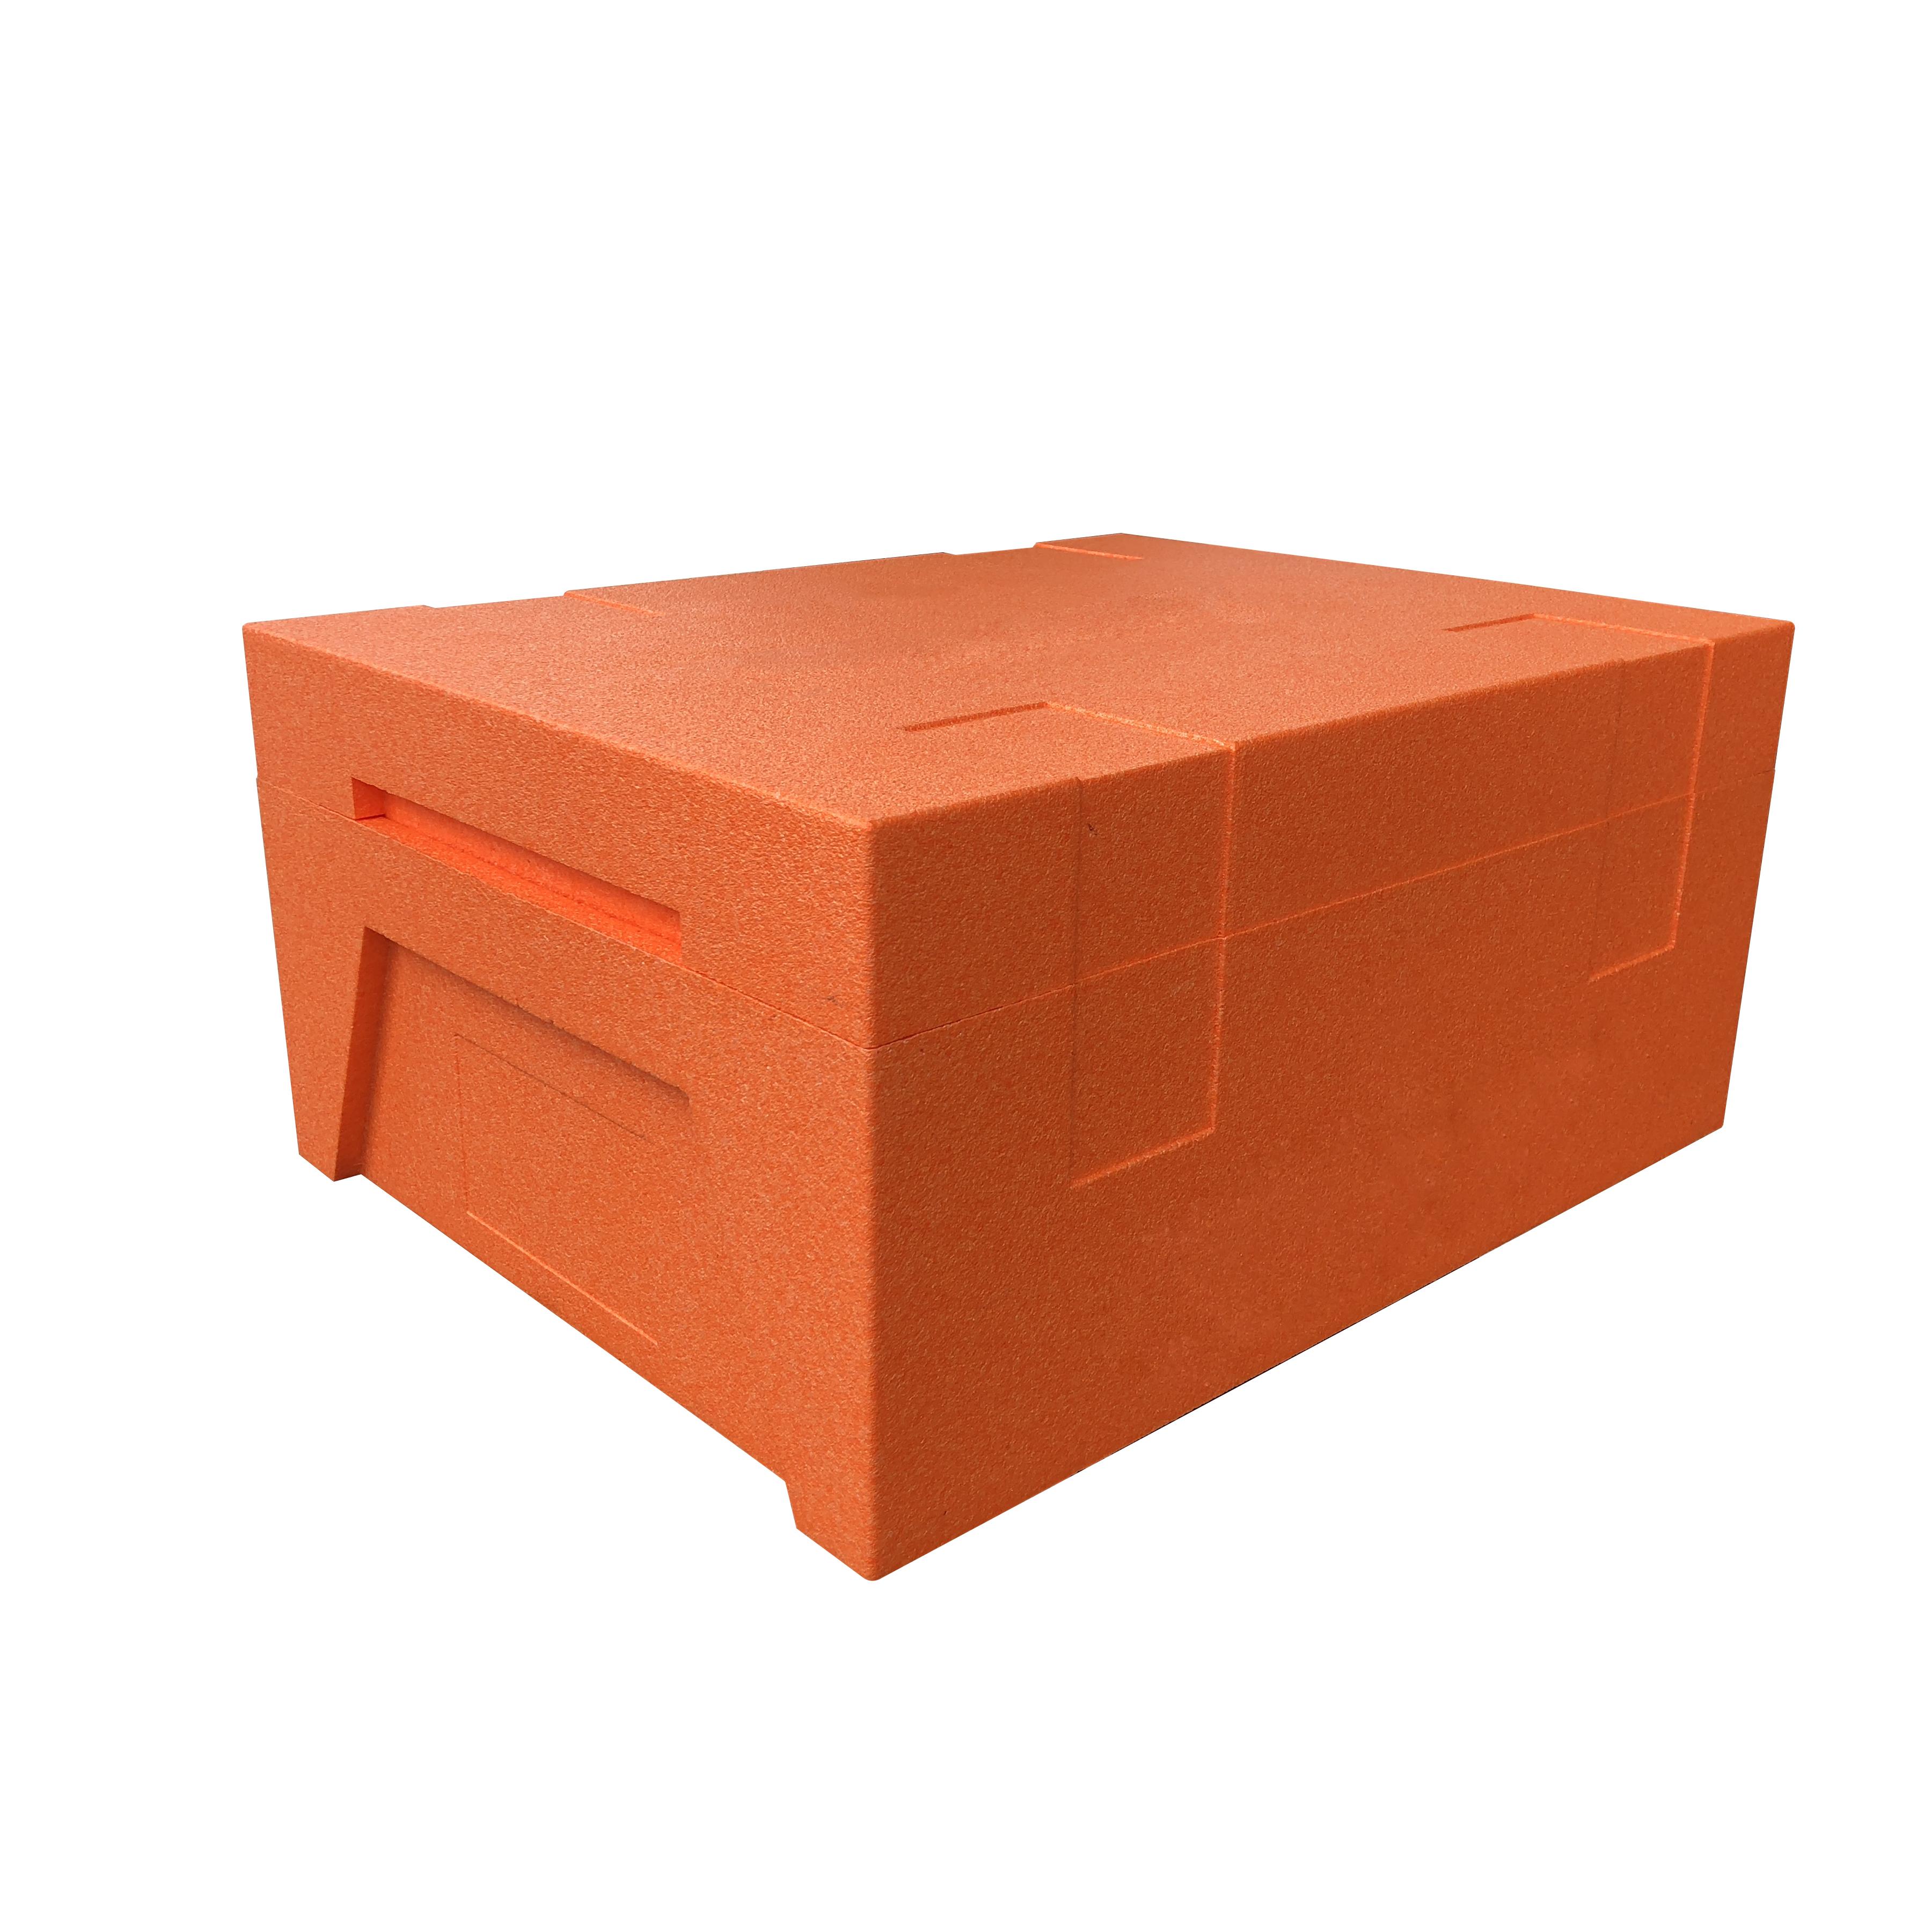 冷鏈-橙色周轉箱